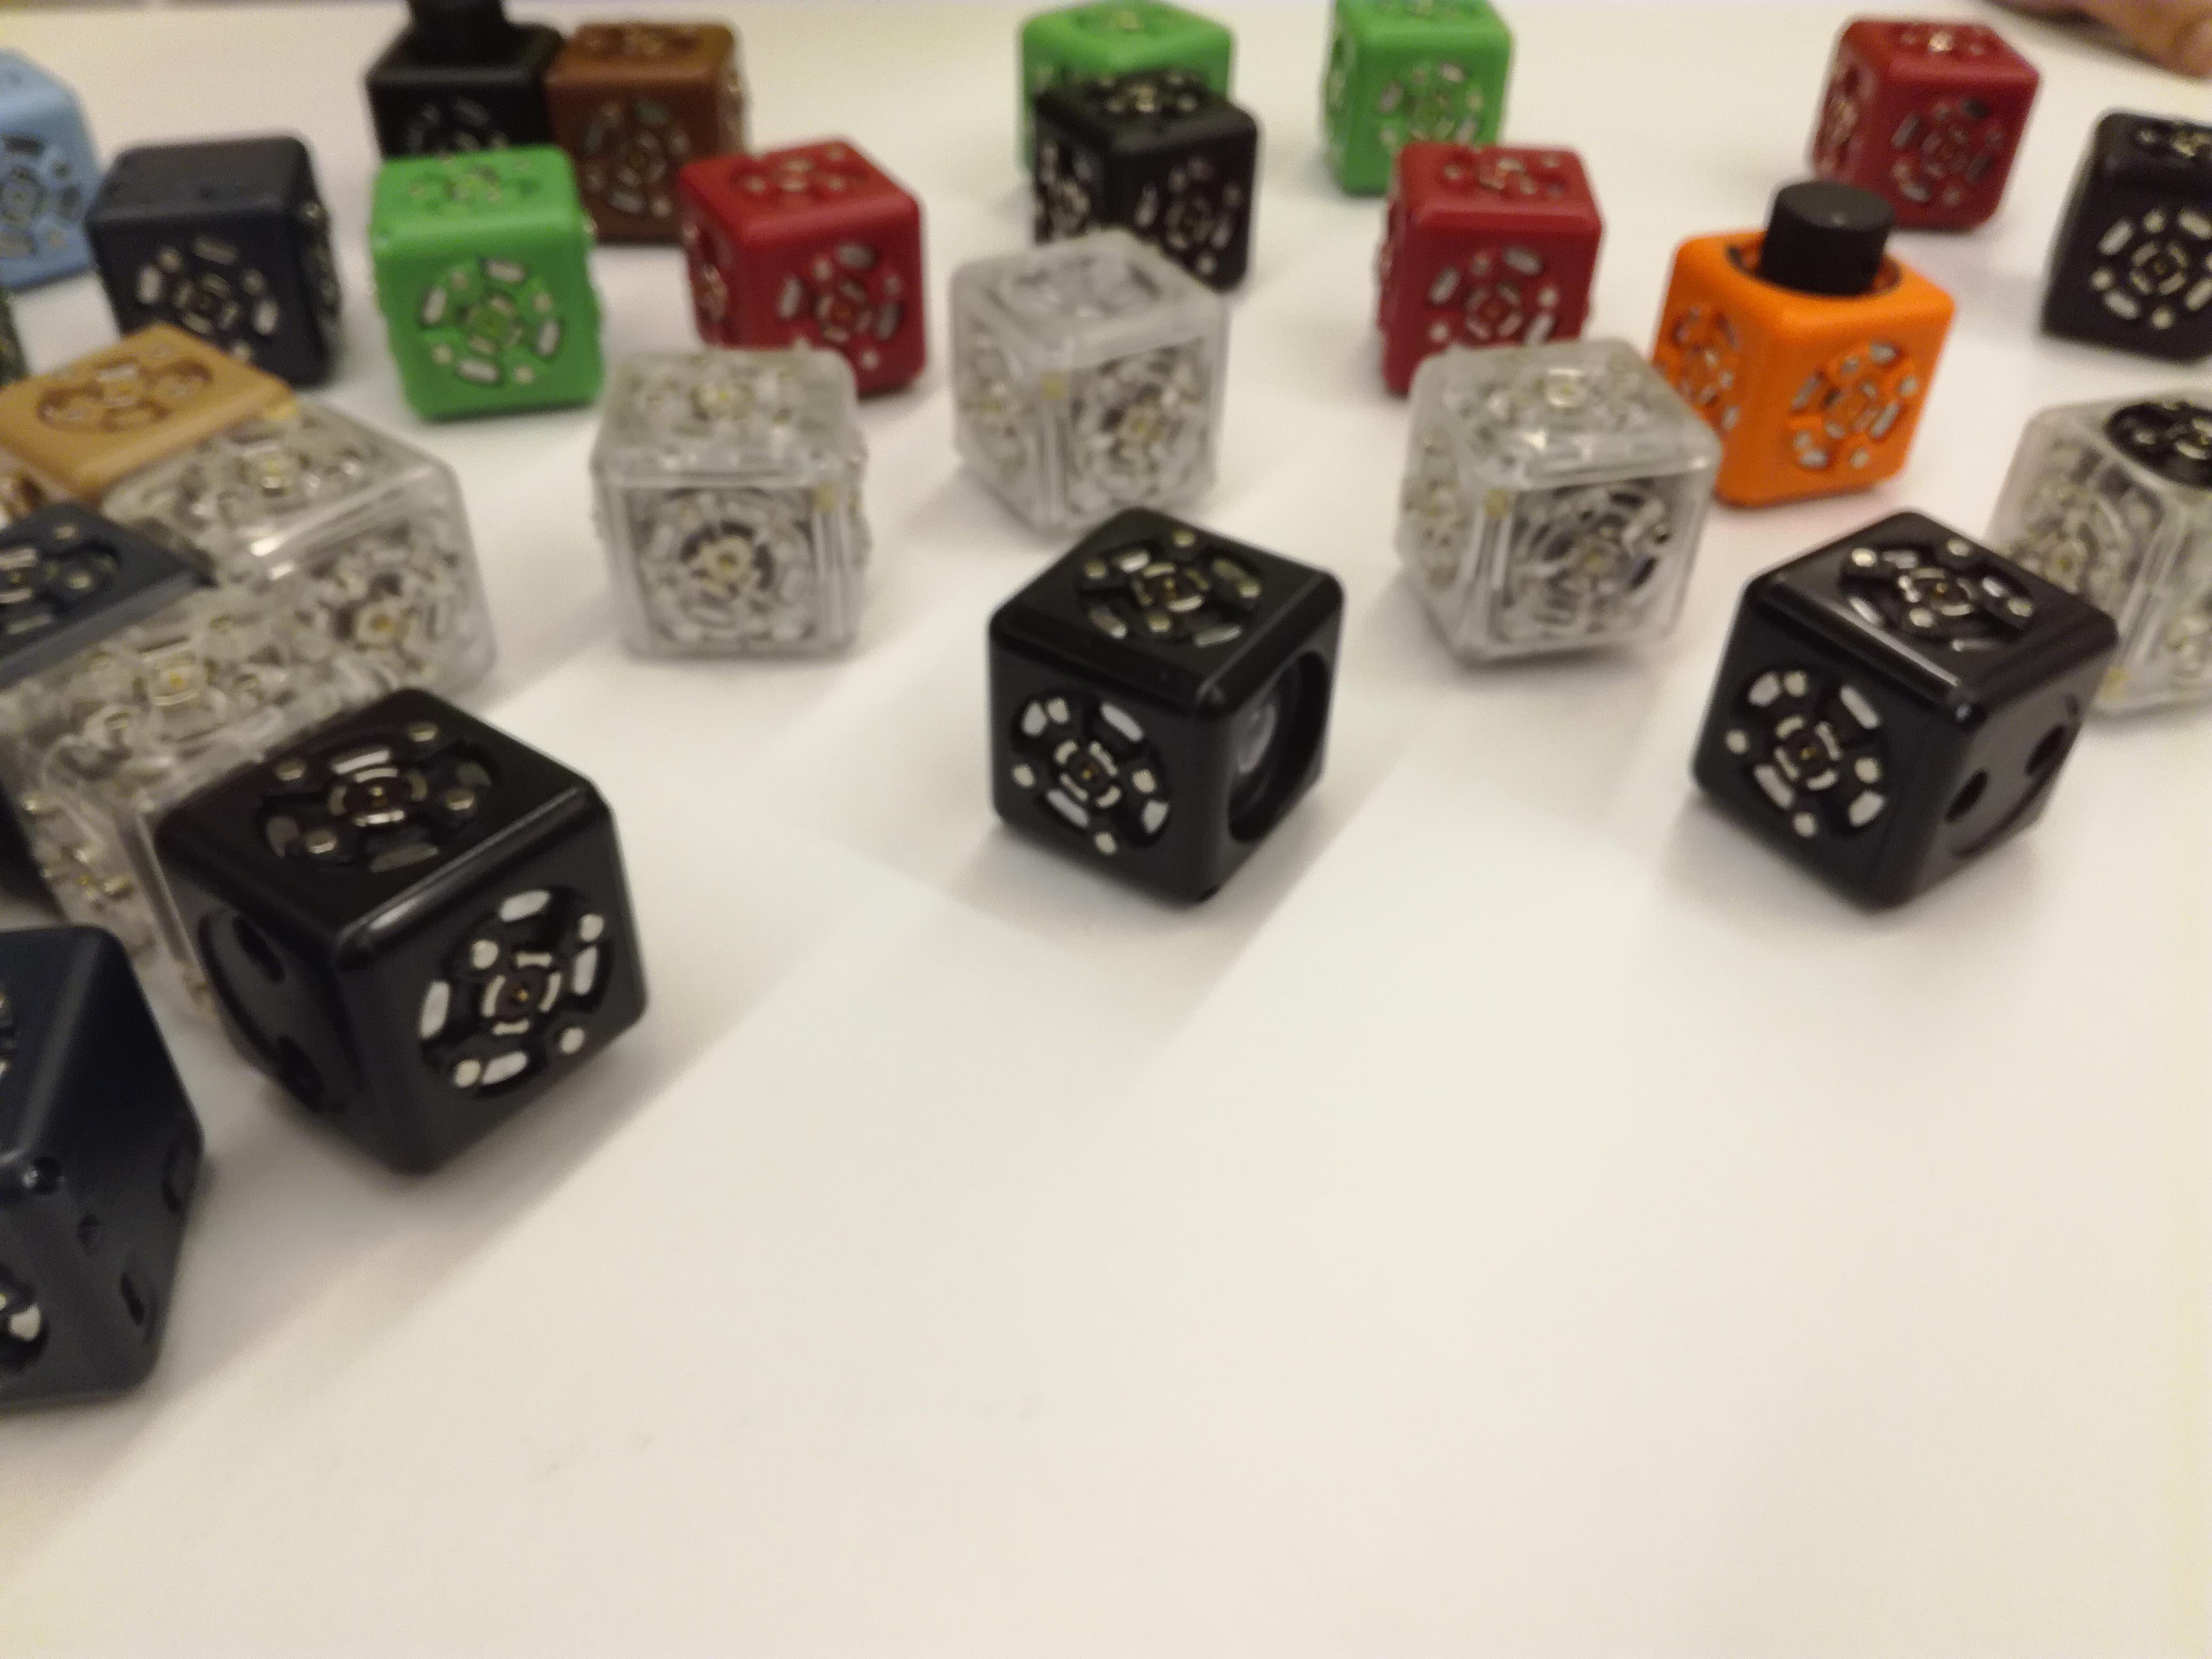 Obrázek: Cubelets mají potenciál pro vzdělávání dětí, cena je však extrémní